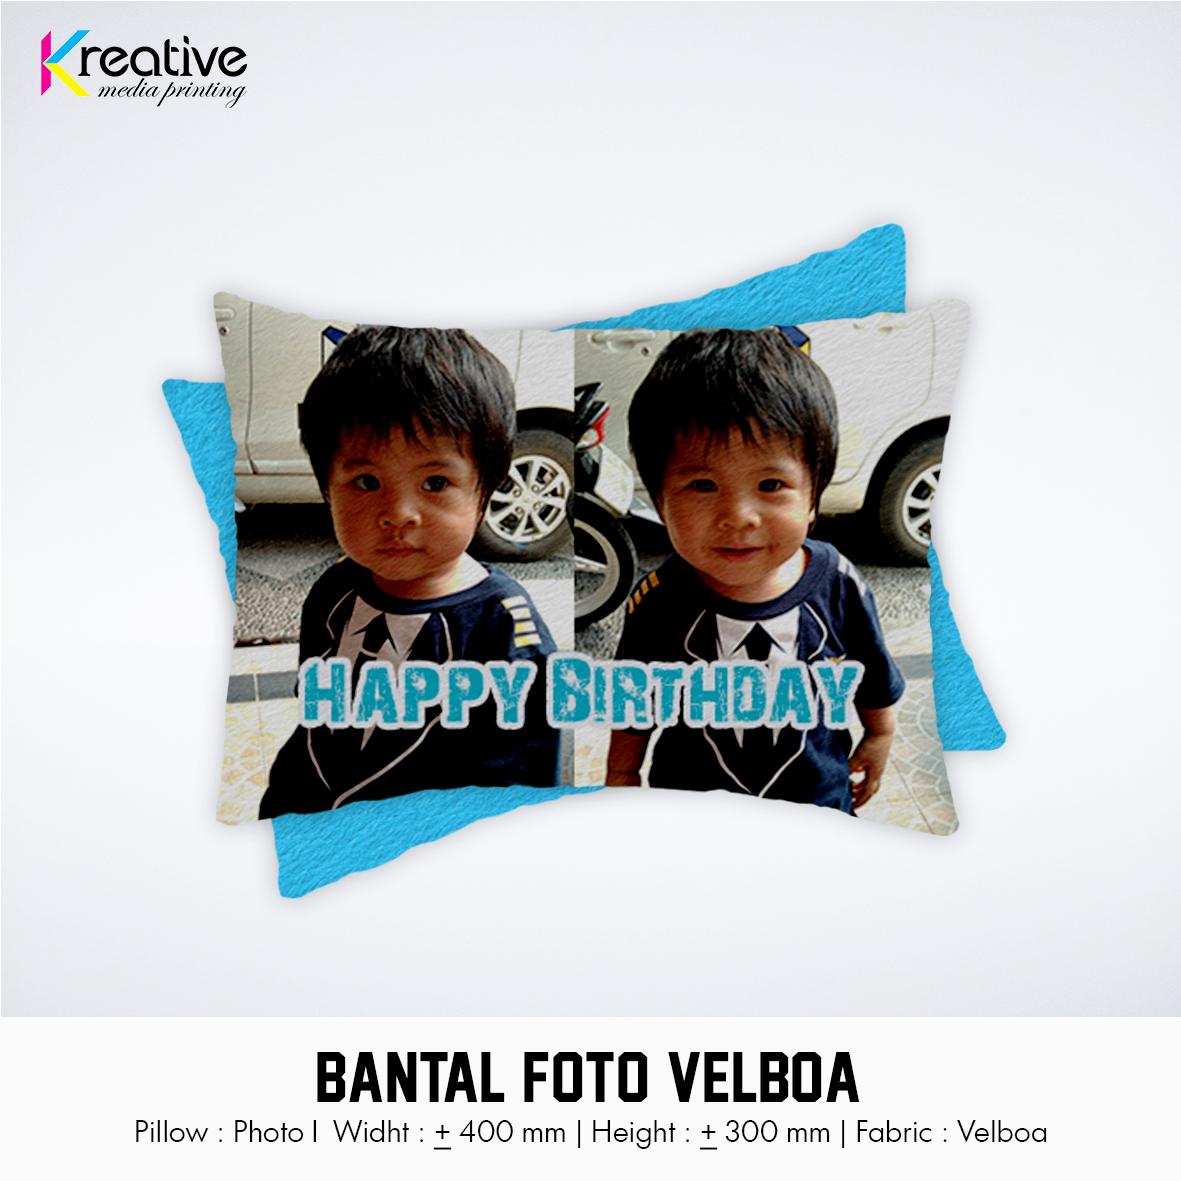 Bantal Foto Velboa (1)